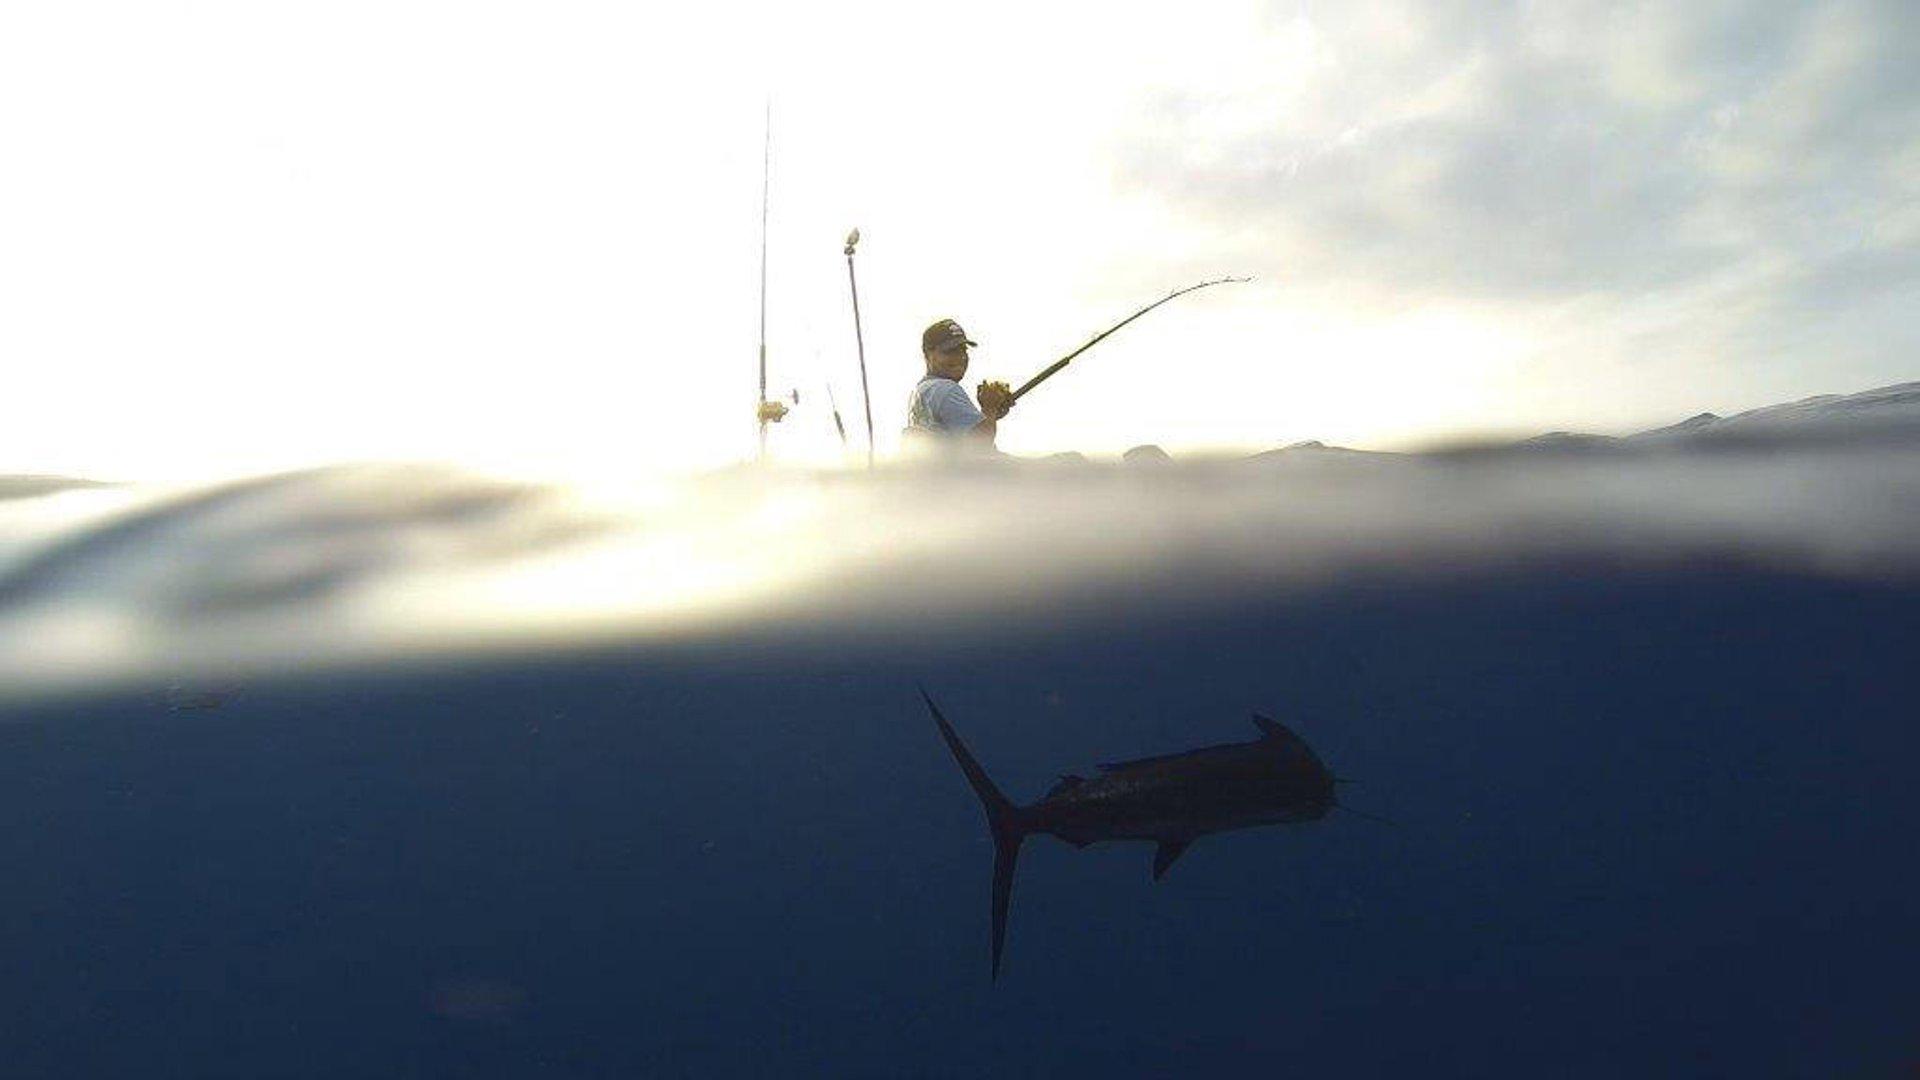 Yellowfin Tuna Fishing in Hawaii - Best Time